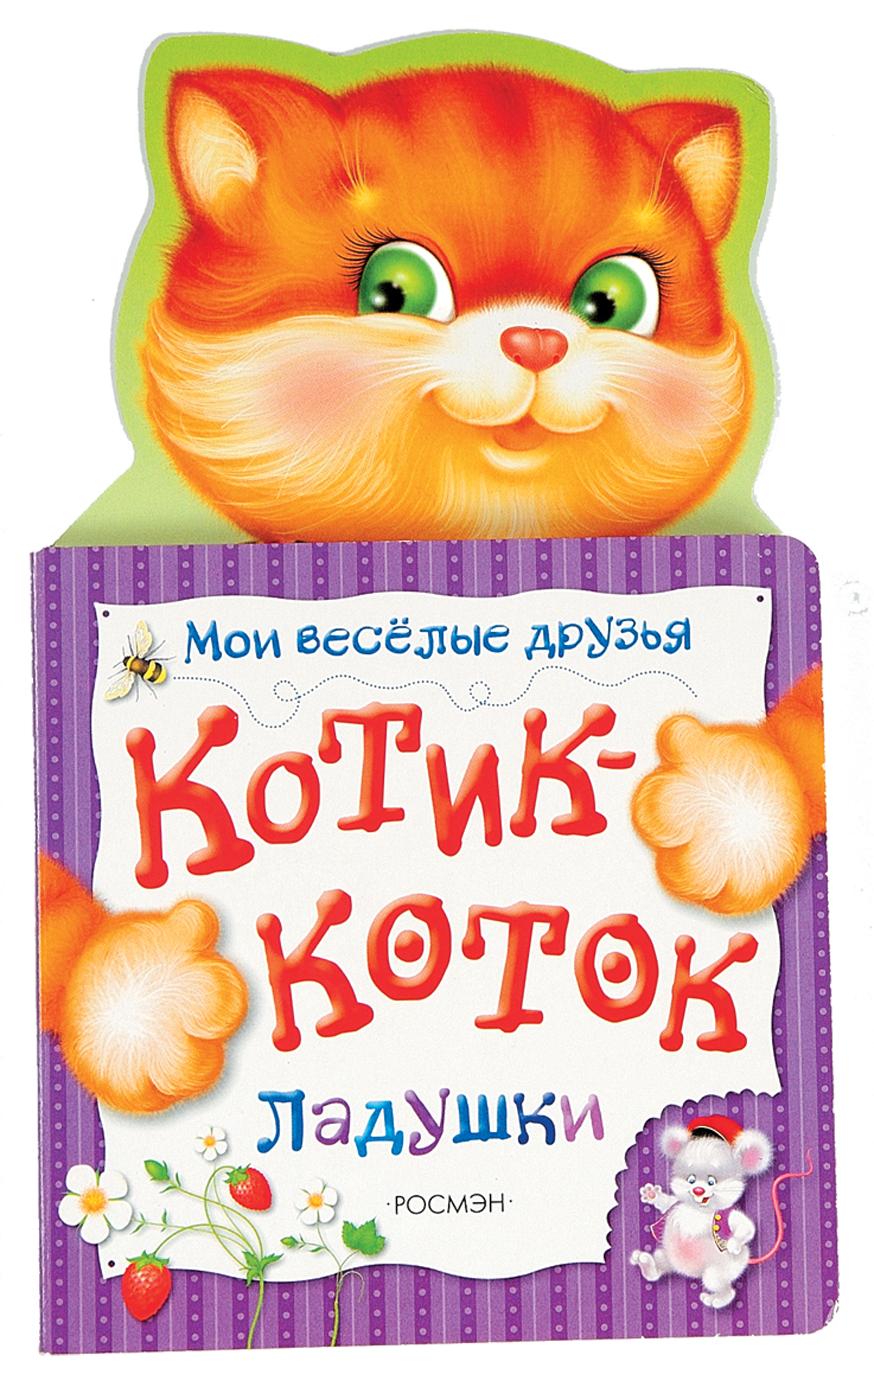 Мои веселые друзья - Котик-котокБибилиотека детского сада<br>Мои веселые друзья - Котик-коток<br>